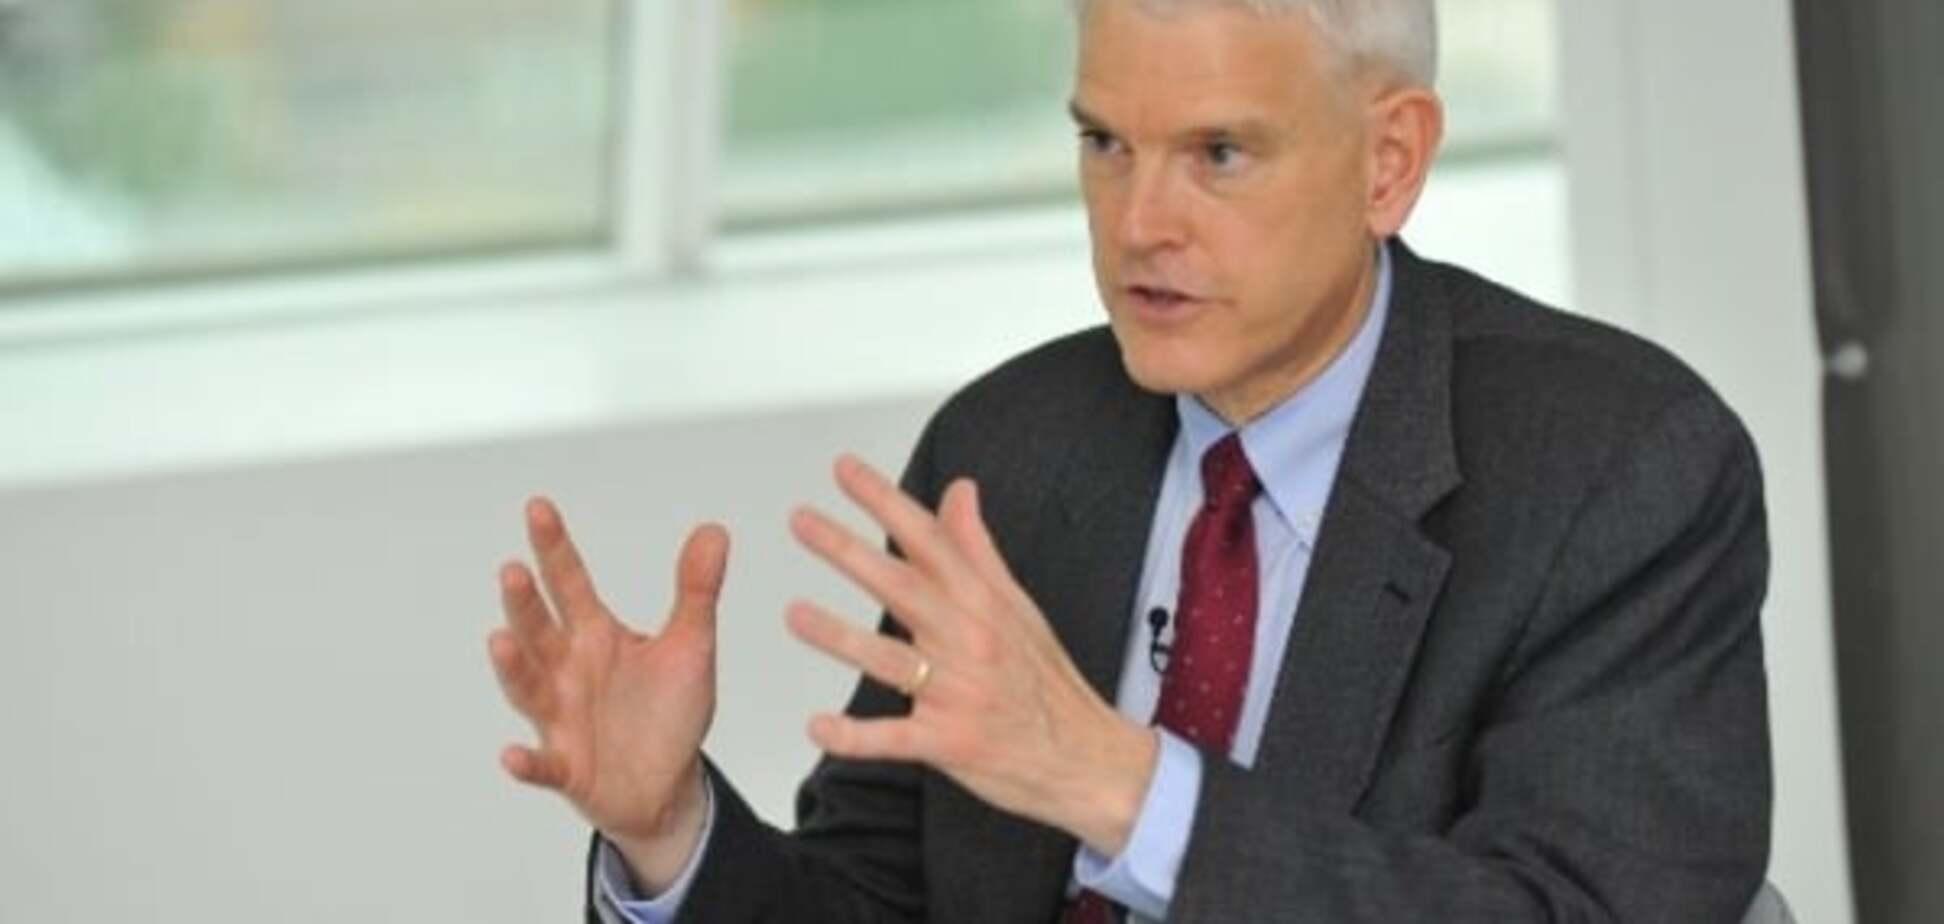 Екс-посол США: терпіння США і Заходу не безмежне - Україні потрібно терміново виправлятися